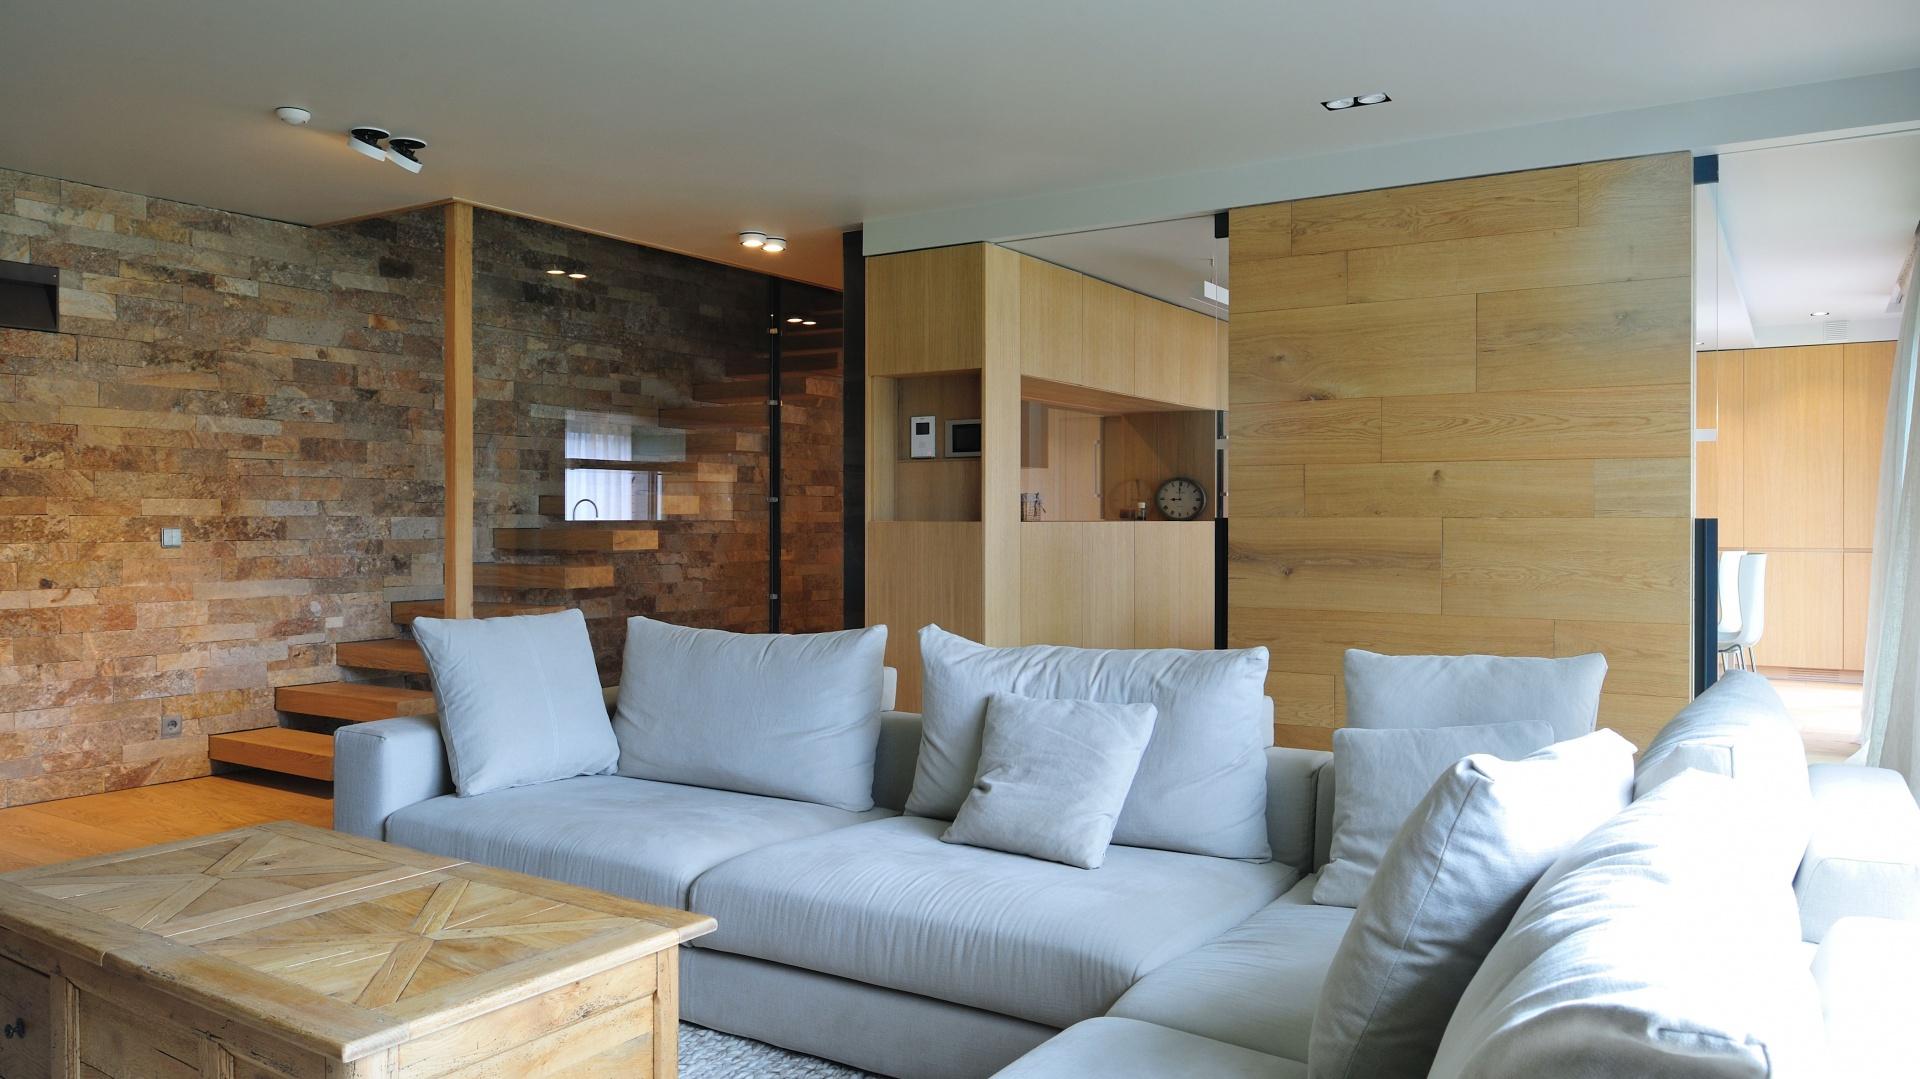 W salonie króluje bardzo duży narożnik, kolorystycznie komponujący się z miękkim dywanem na podłodze w strefie wypoczynkowej. Projekt: Coblonal Arquitectura. Fot. Coblonal Arquitectura.